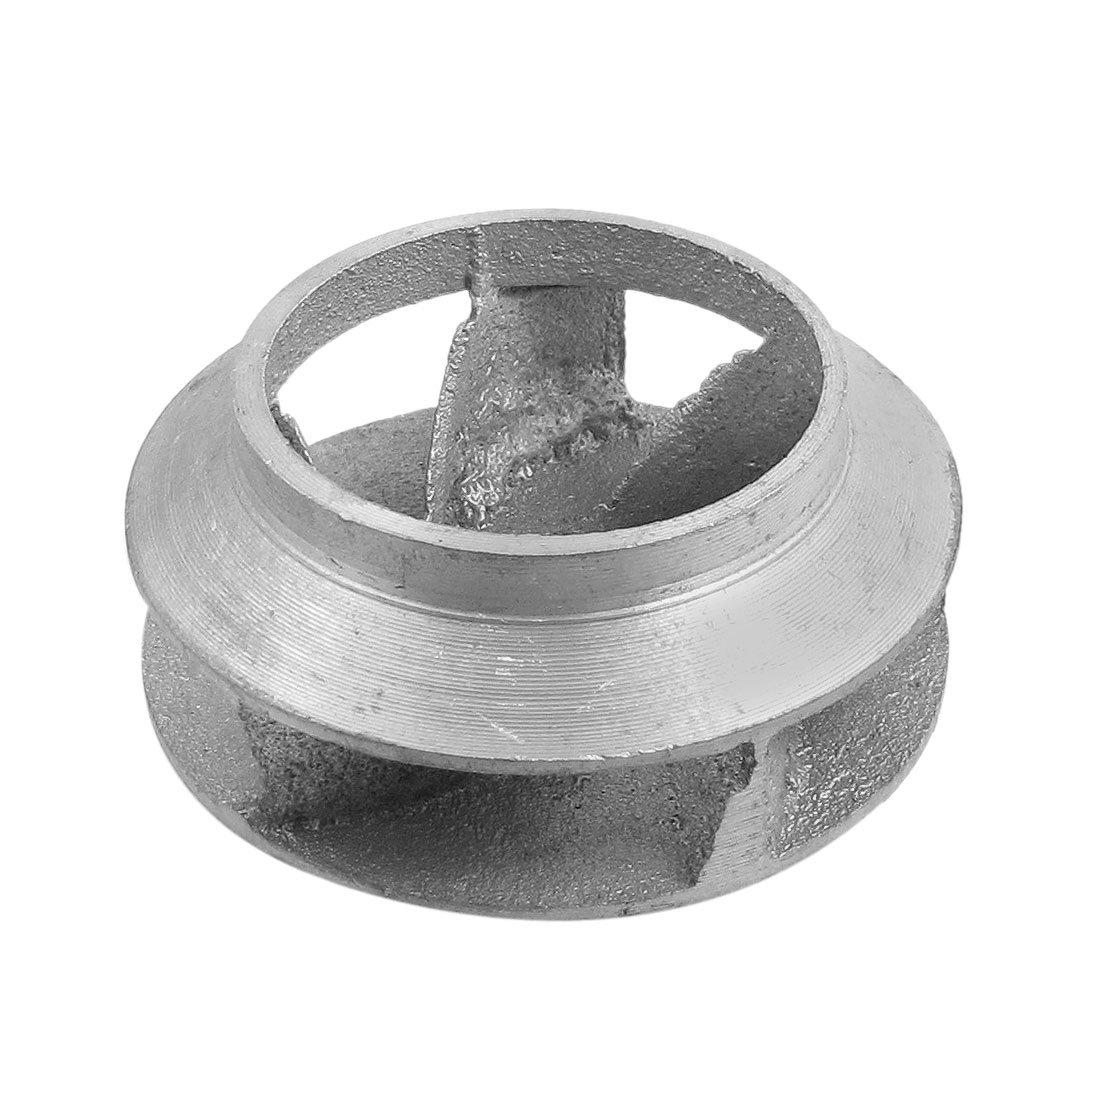 uxcell 2.4'' Hole Diameter Aluminum Precision Pump Impeller Casting Part